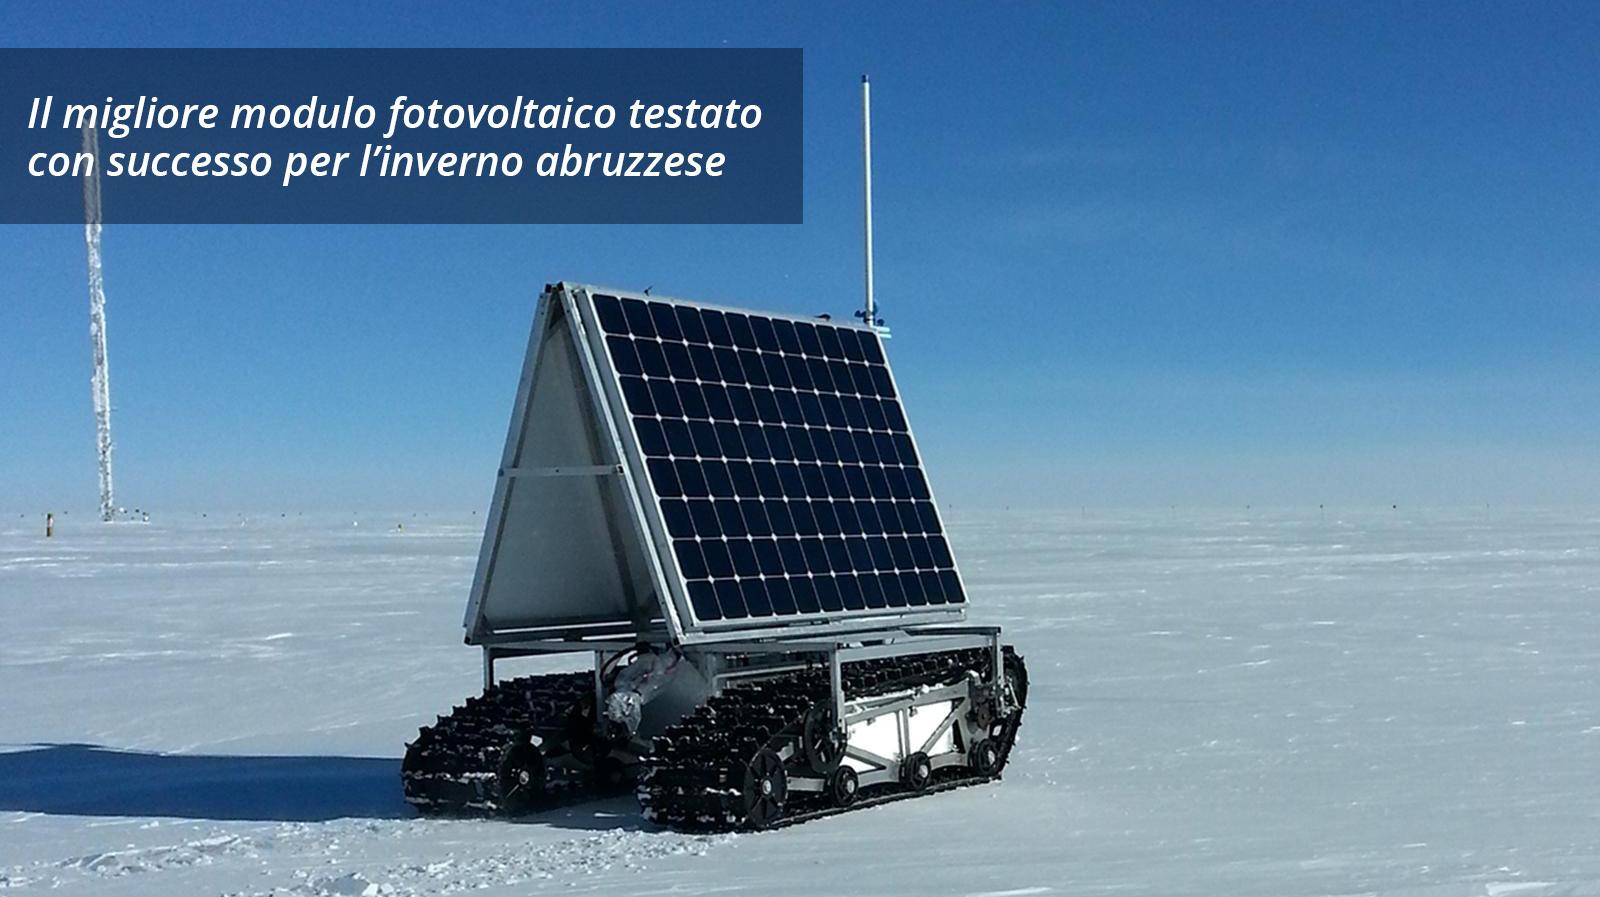 modulo fotovoltaico sunpower sul grover